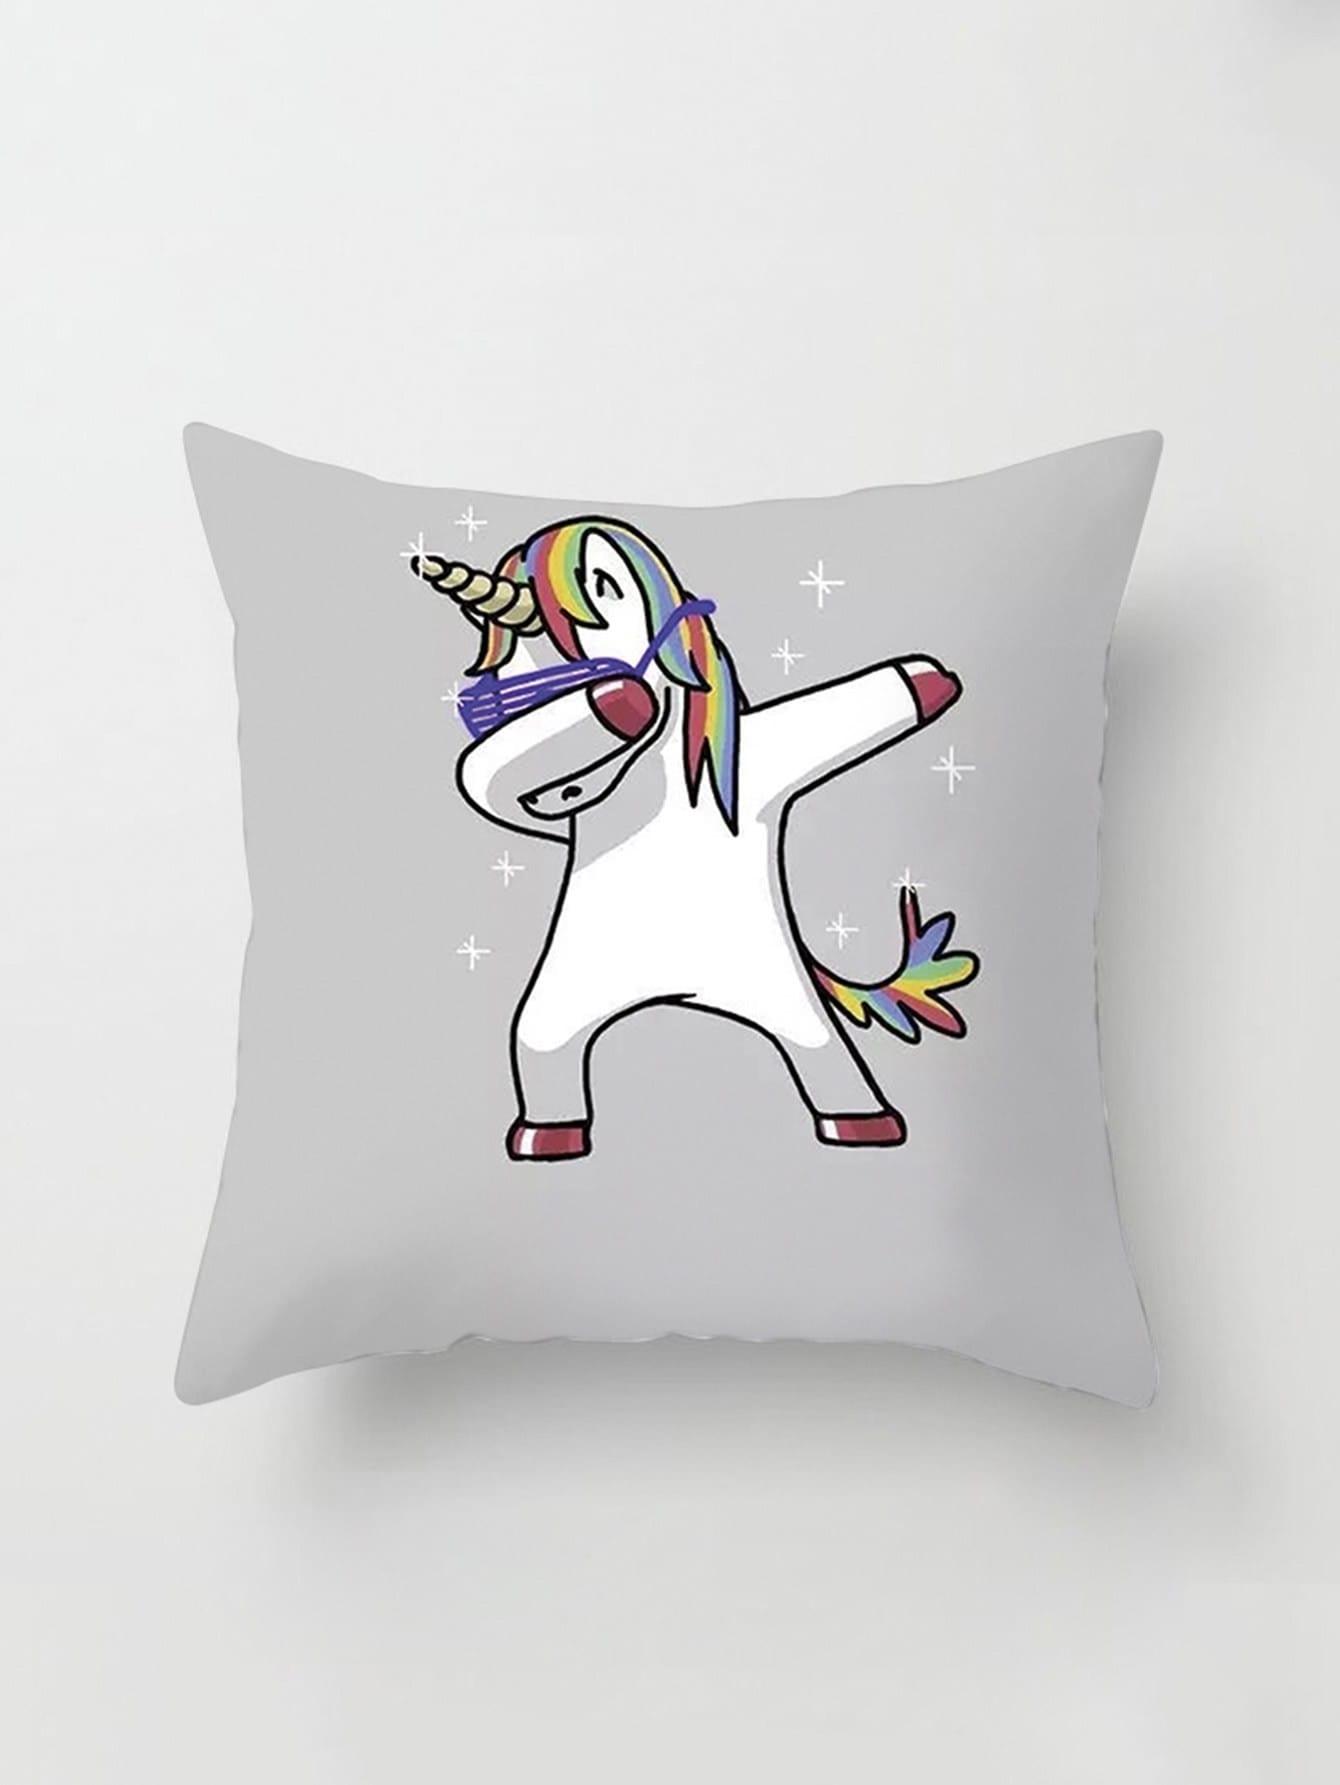 Обложка для подушки Cartoon Print